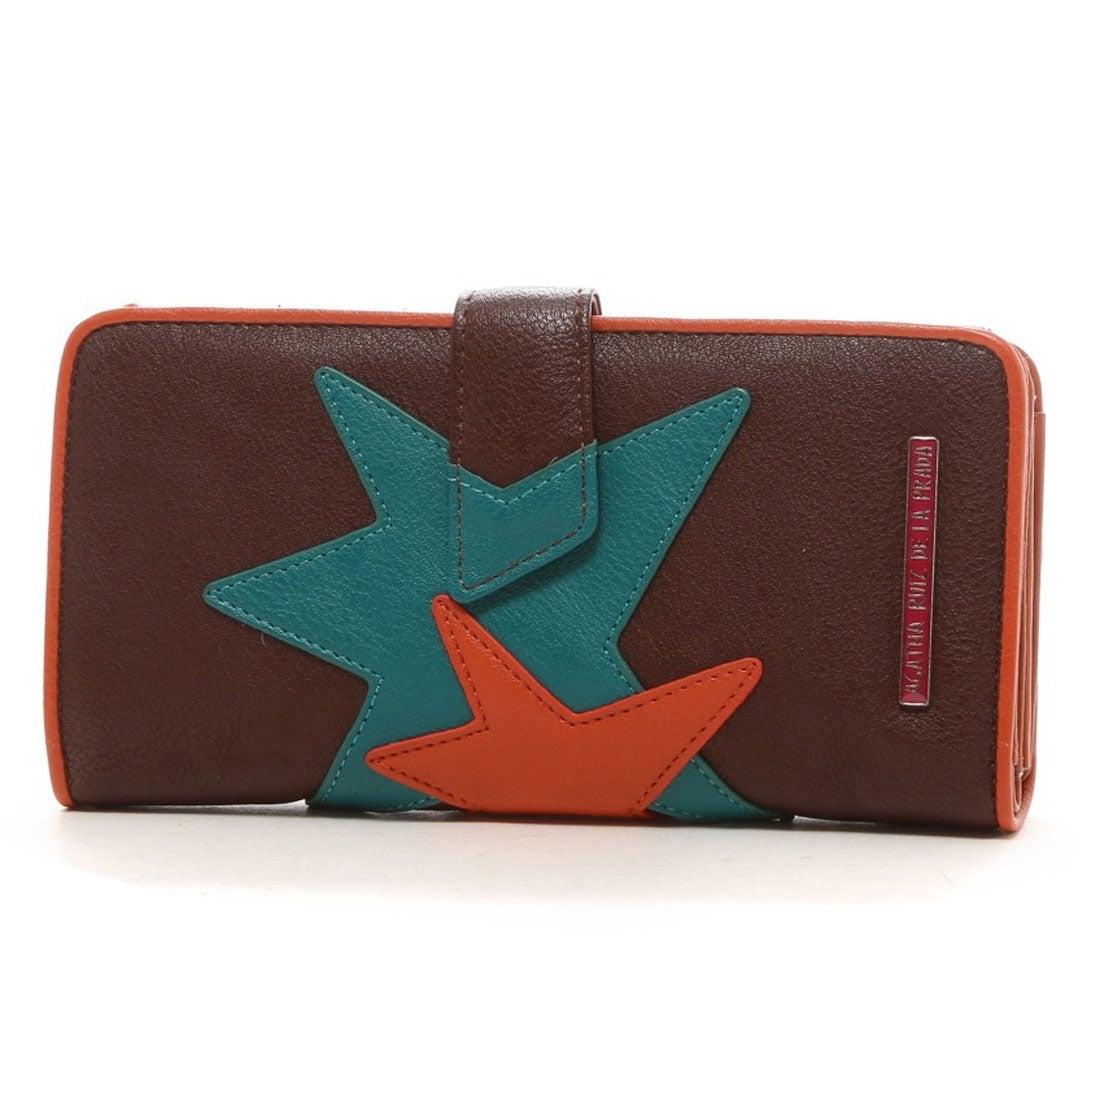 98ca7d0536f2 アガタ ルイス デ ラ プラダ AGATHA RUIZ DE LA PRADA 星アップリケ大容量財布(ブラウン) -アウトレット通販 ロコレット  (LOCOLET)